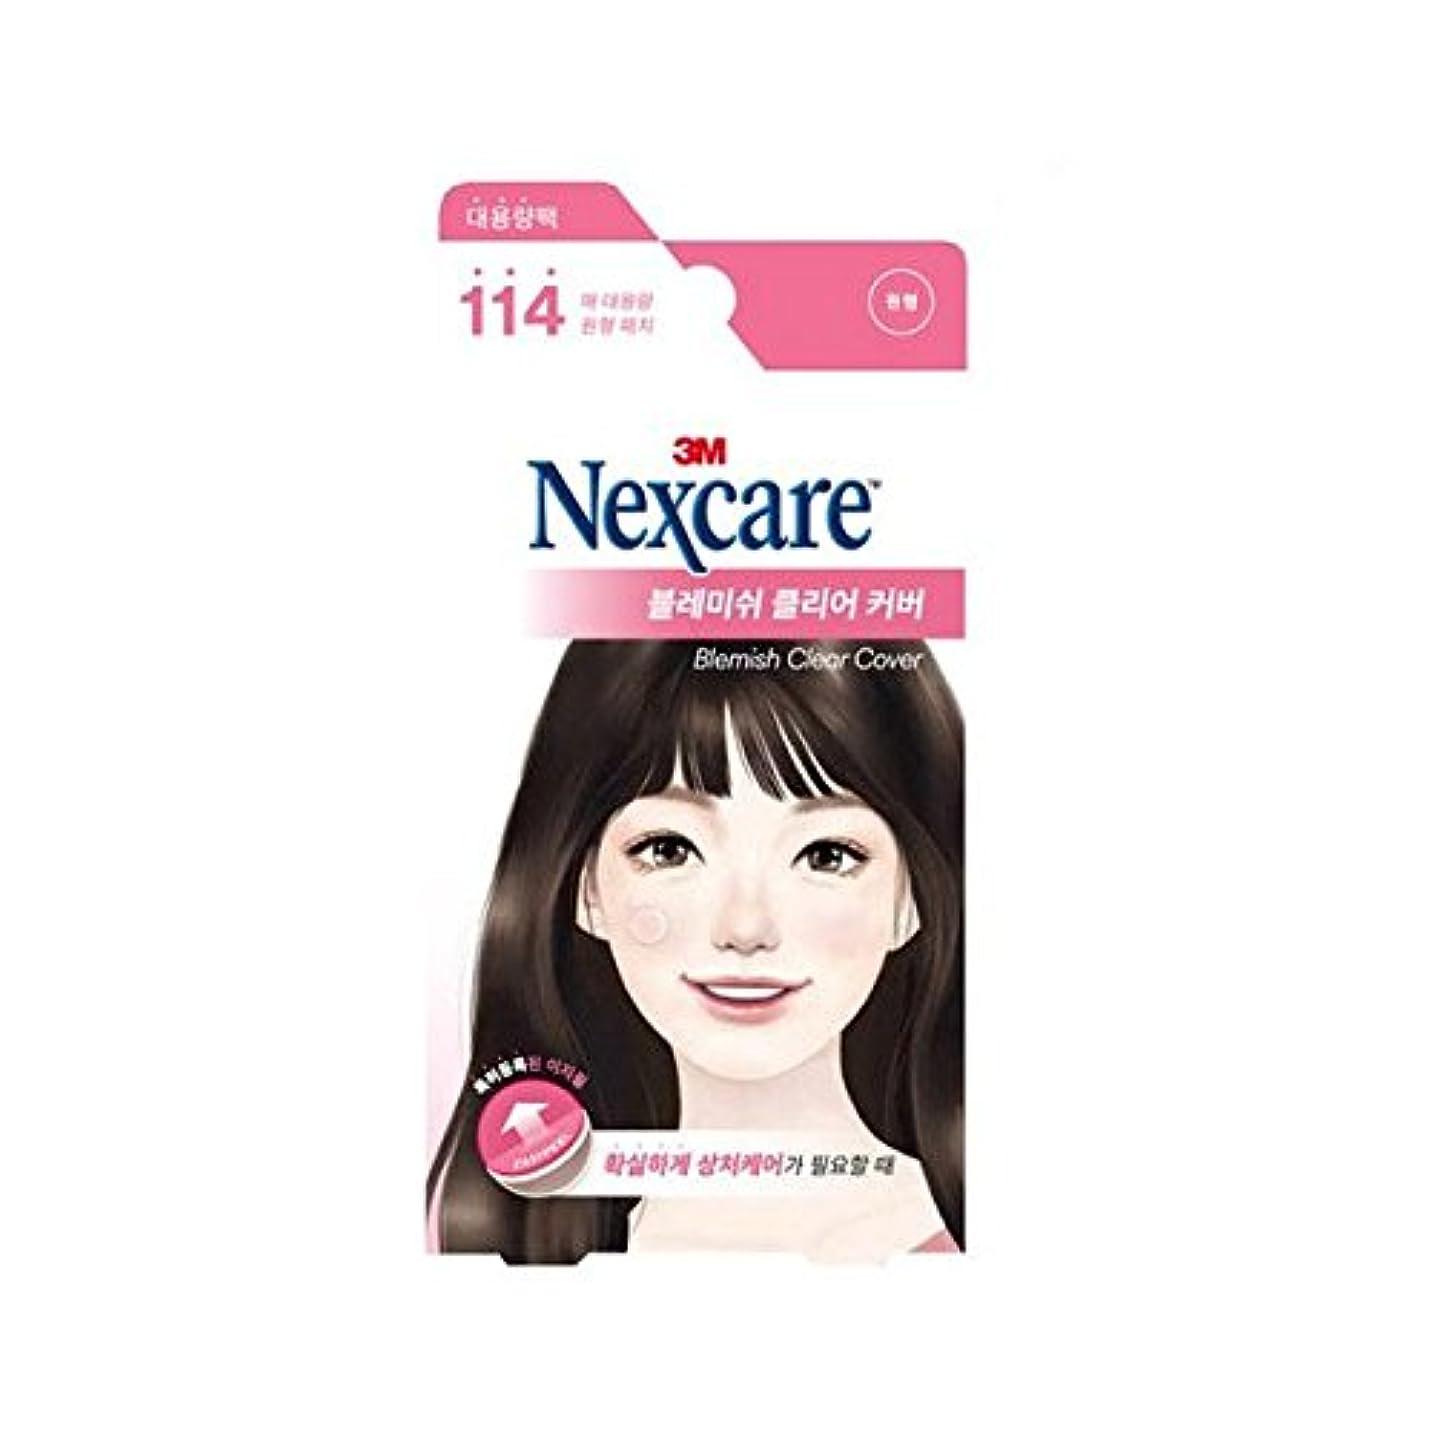 熱意ささやき幻想[New] 3M Nexcare Blemish Clear Cover Easy Peel 114 Patches/3M ネクスケア ブレミッシュ クリア カバー イージー ピール 114パッチ入り [並行輸入品]